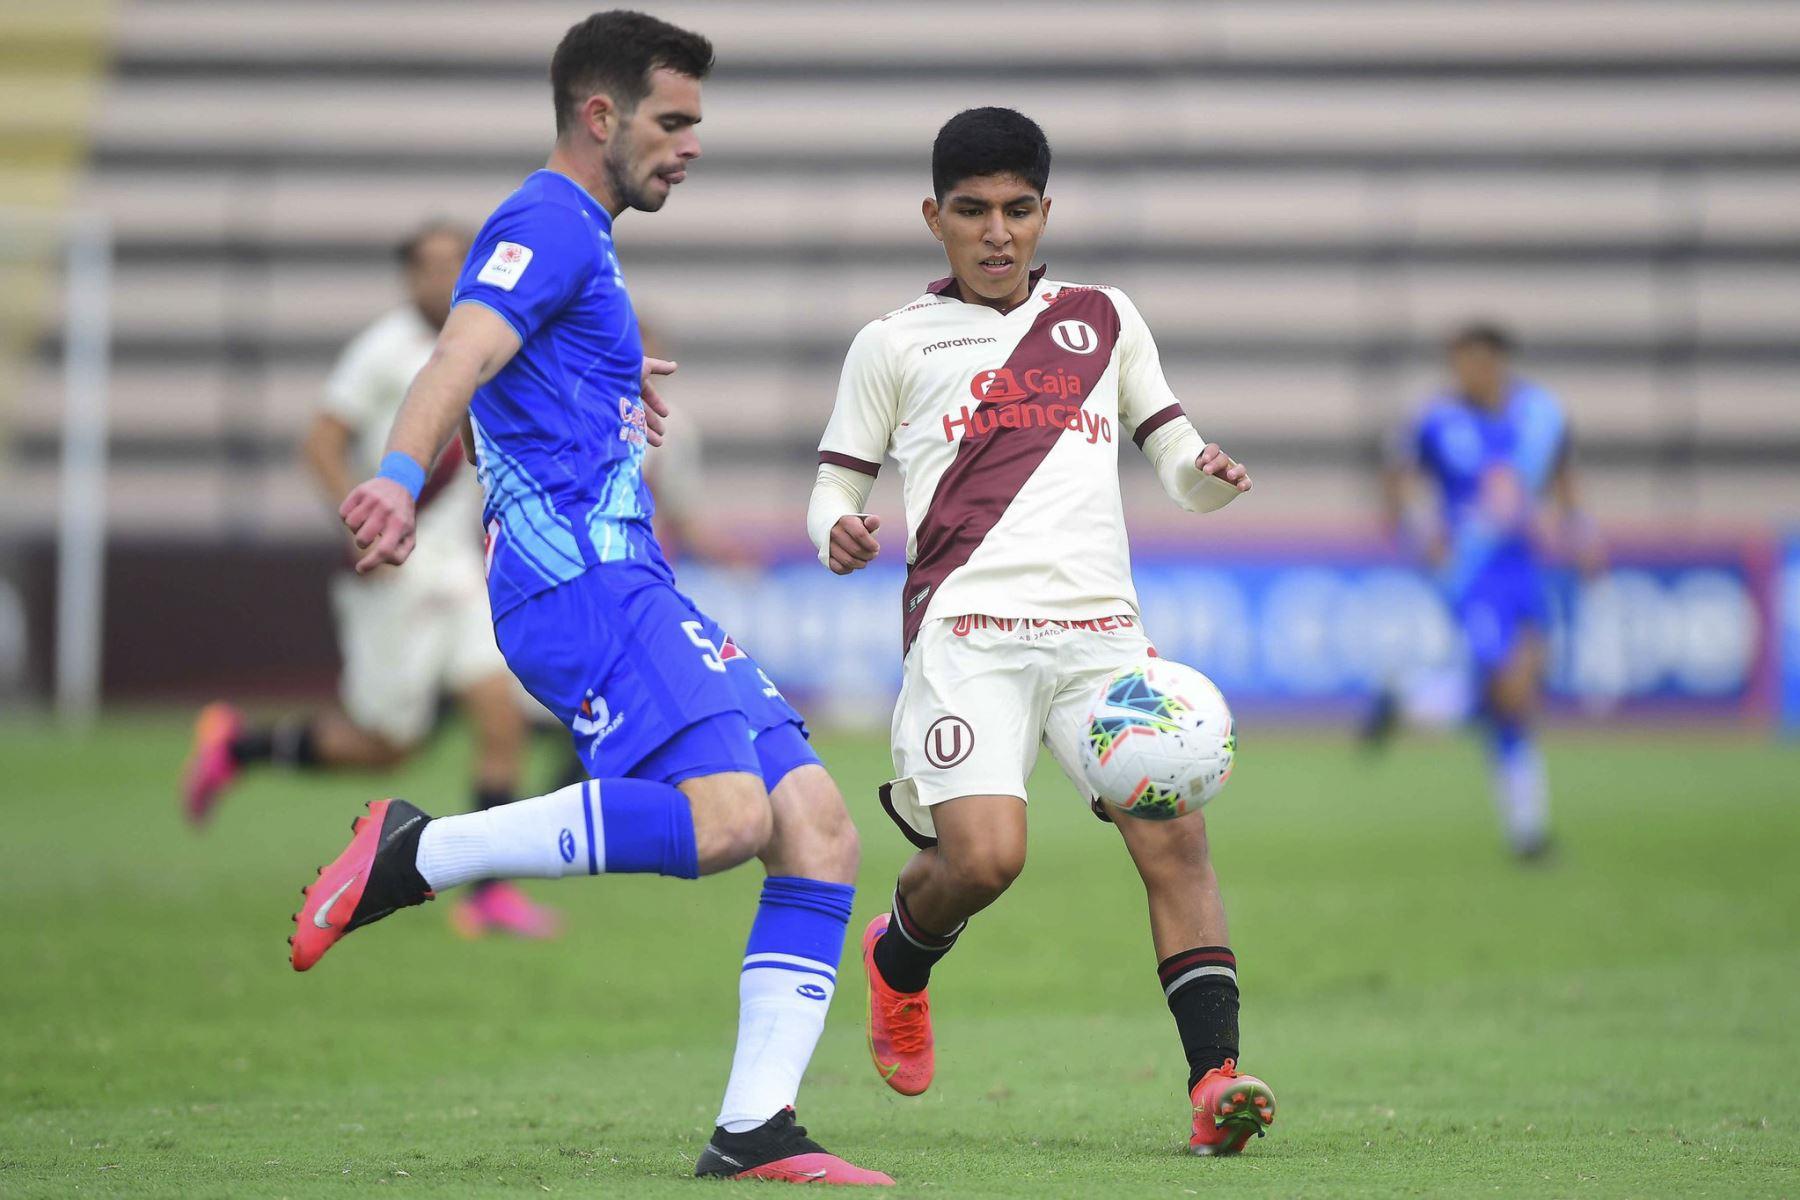 M. Ganoza de Alianza Atlético se enfrenta por el balón ante la marca de su rival de Universitario durante partido por la primera fecha de la Liga 1, en el Estadio Miguel Grau del Callao. Foto: Liga 1